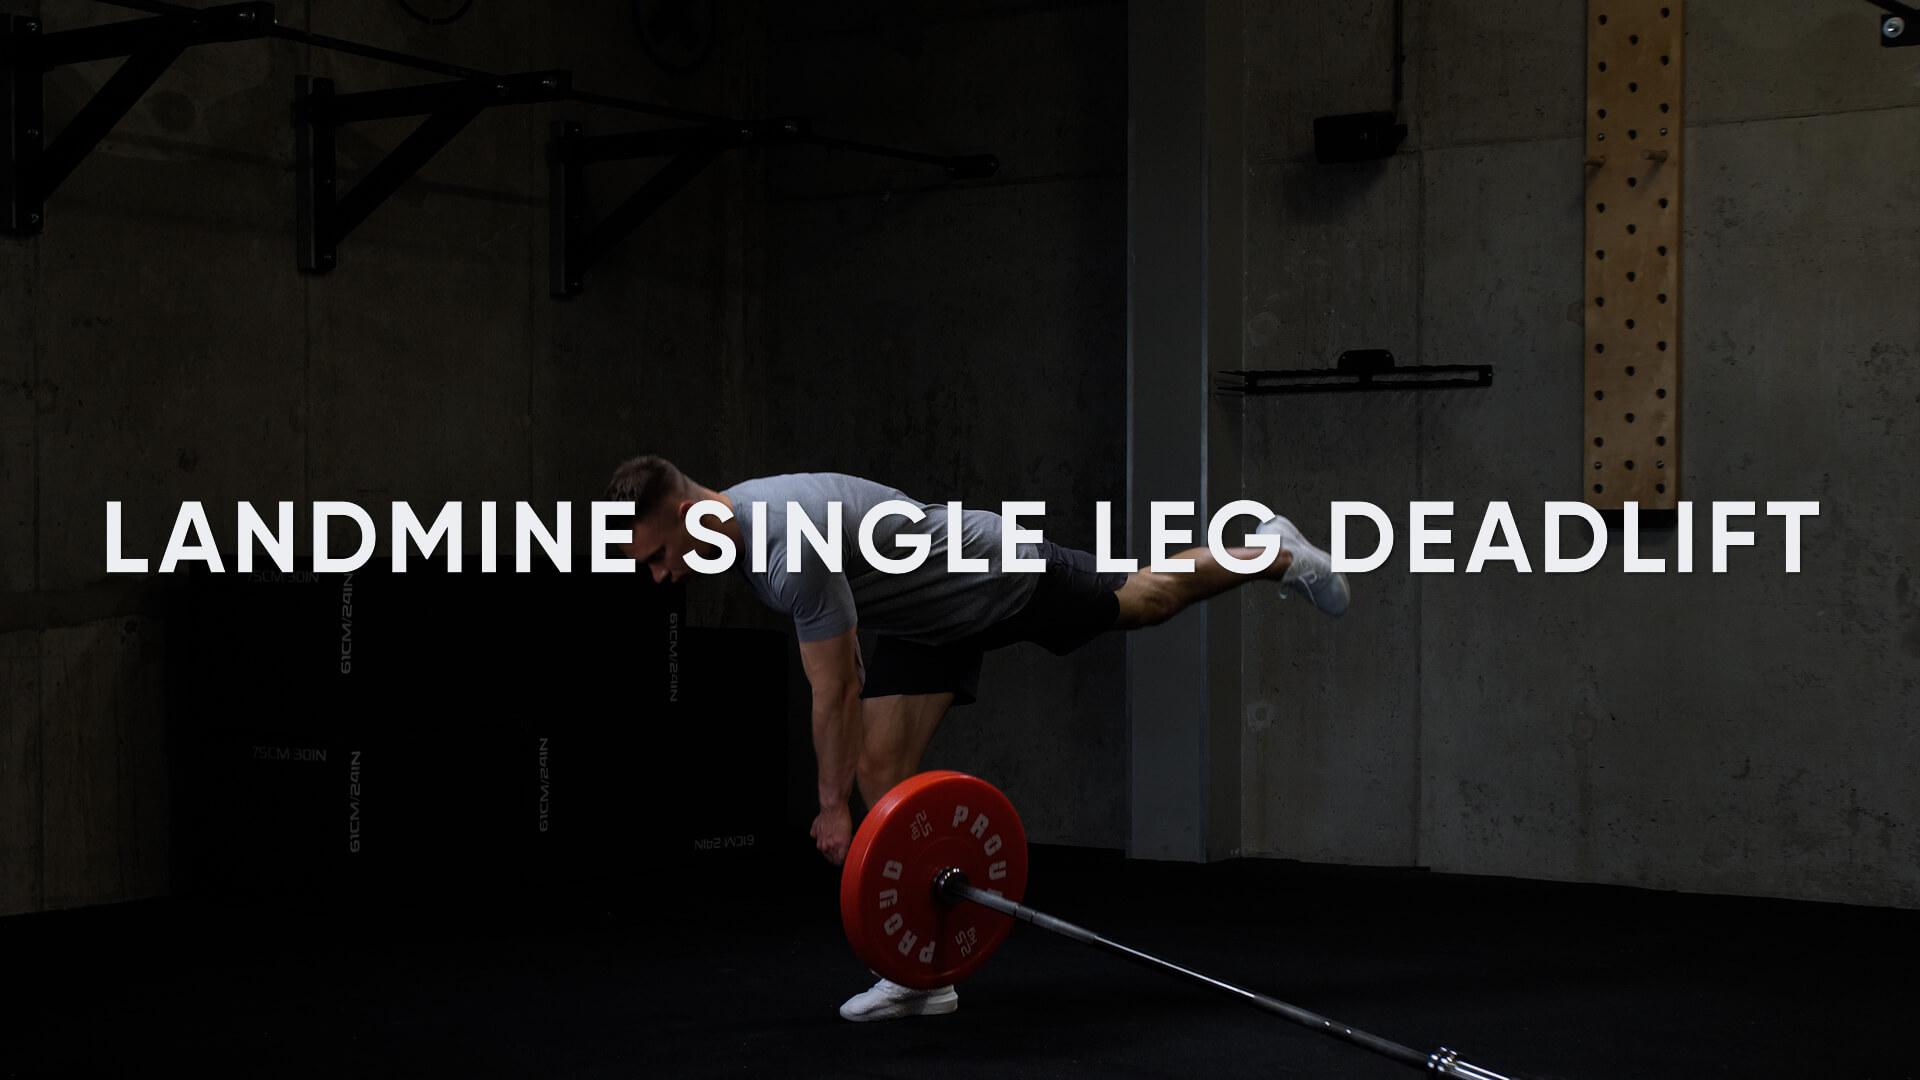 Landmine Single Leg Deadlift